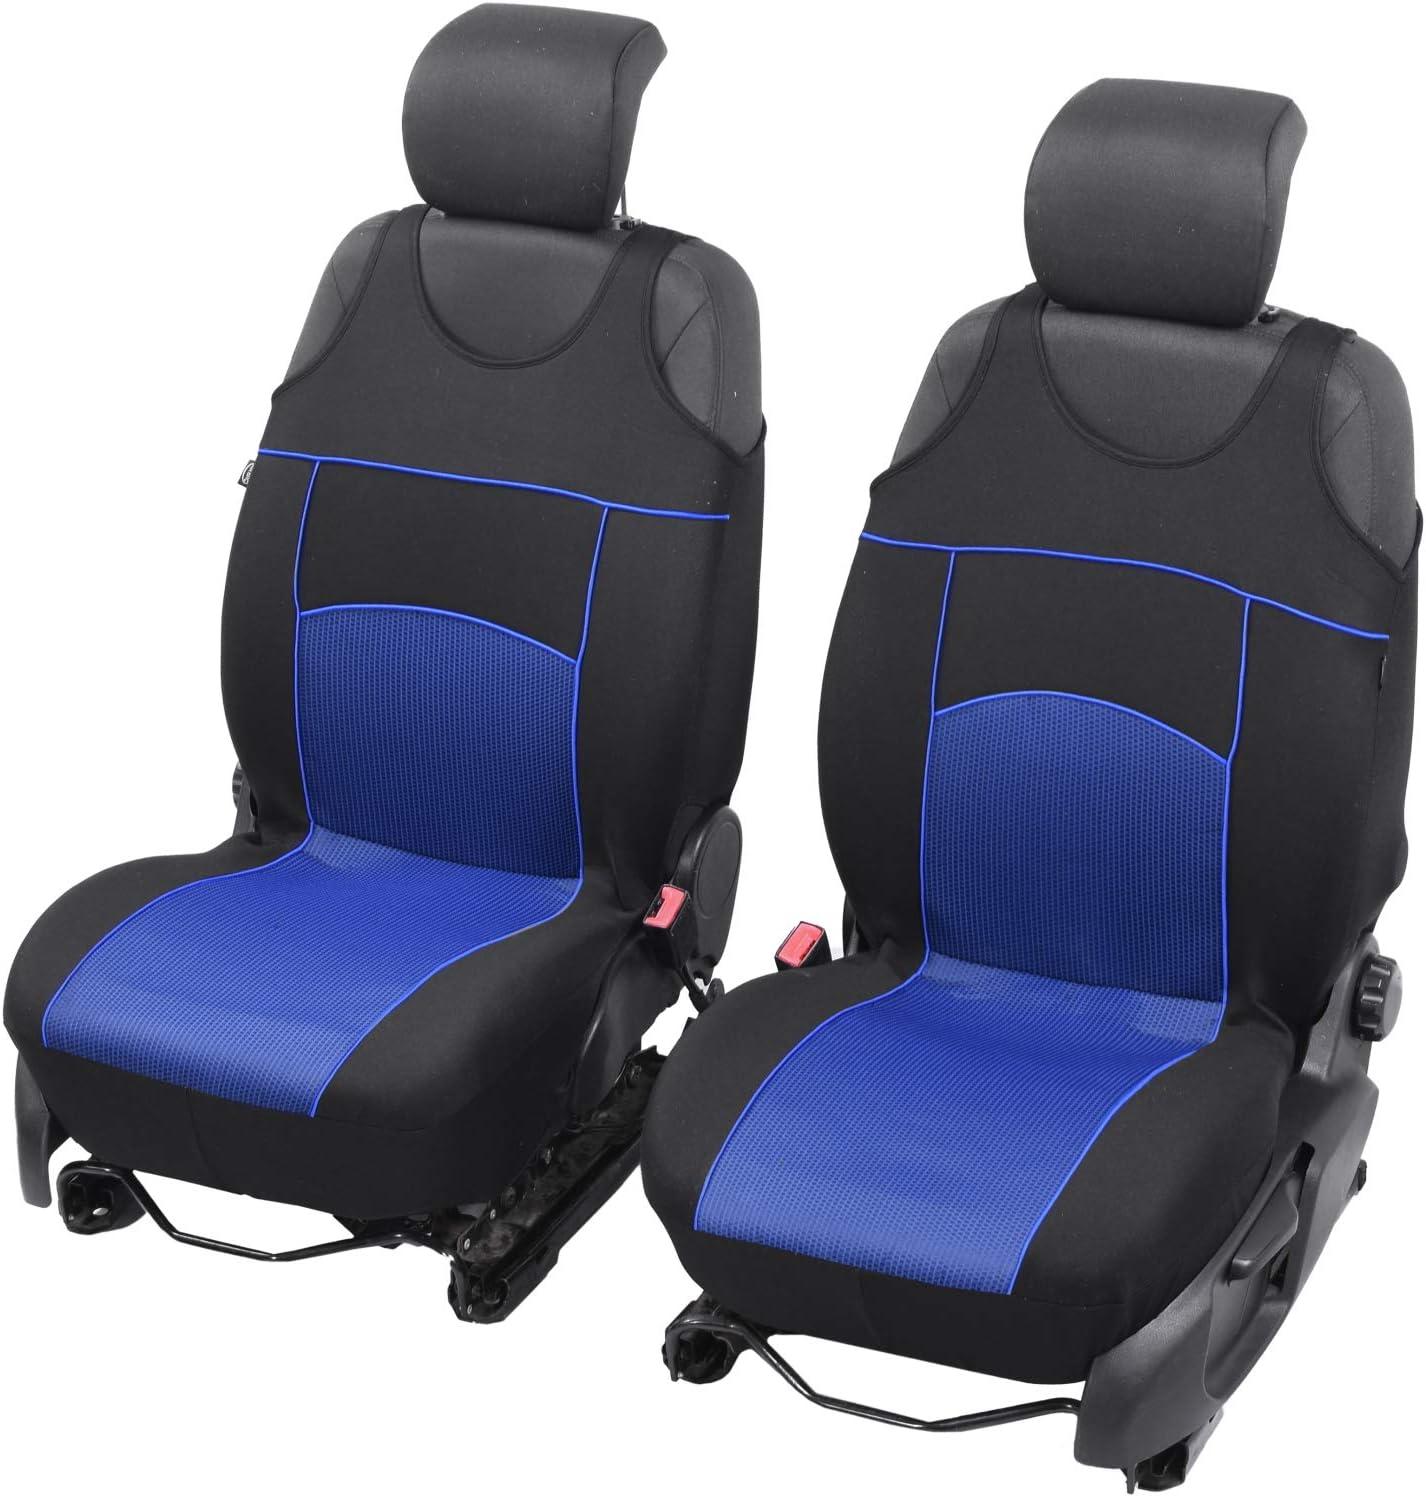 Universelle Sitzbez/üge Tuning EXTRA kompatibel mit Seat Arona Sitzauflage /Überz/üge Schonbez/üge Vordersitze GRAU